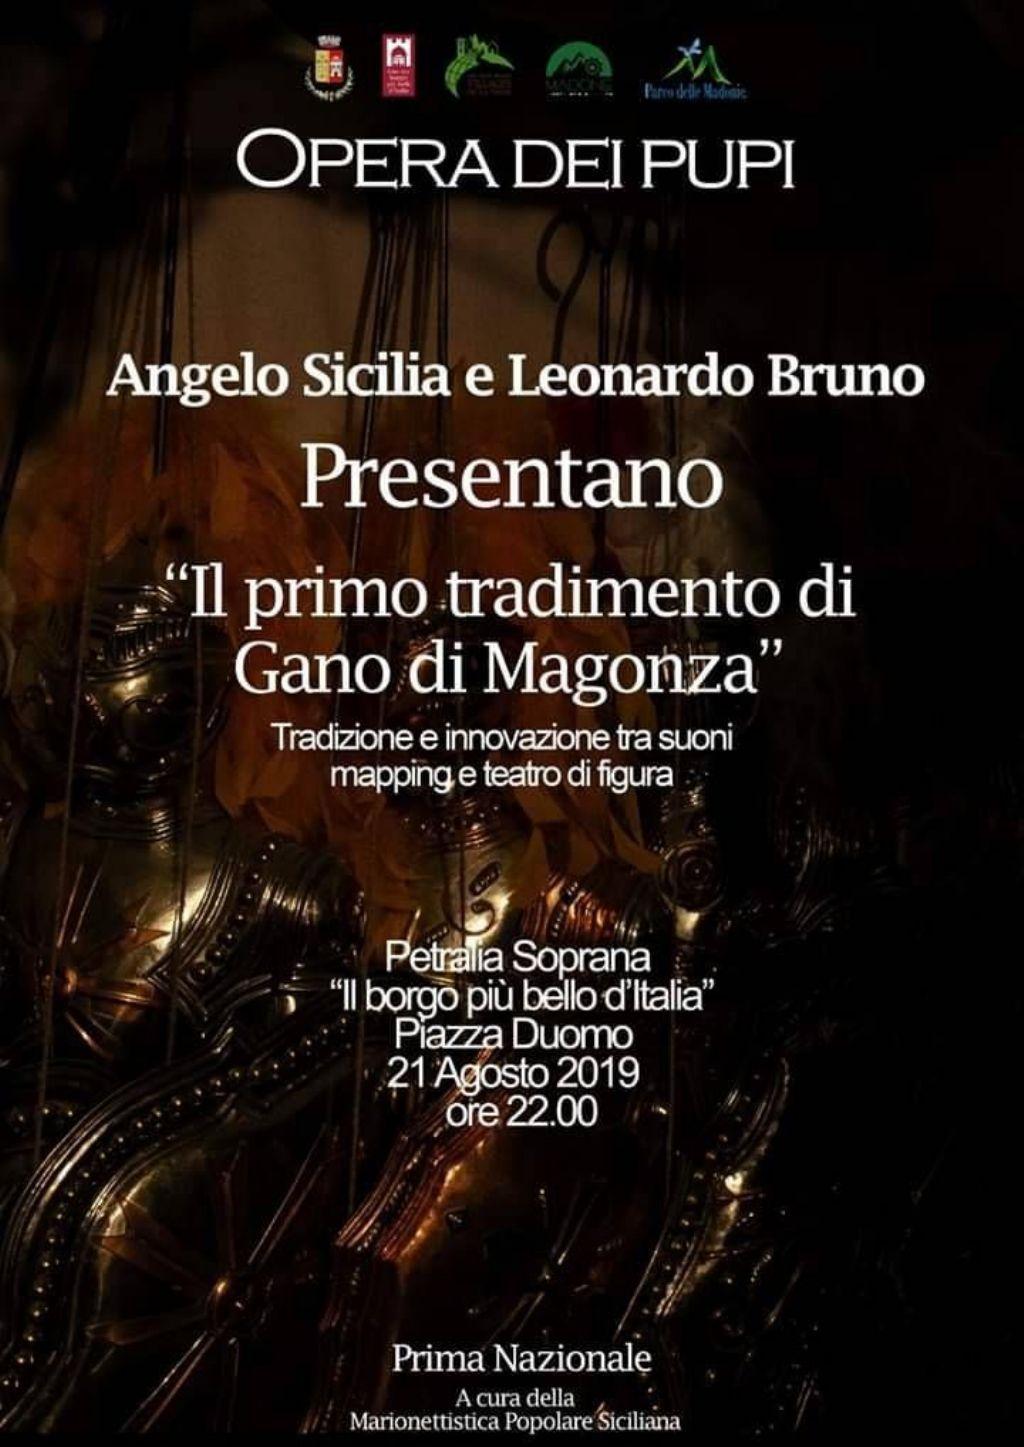 Opera dei Pupi. A Petralia Soprana, in prima nazionale, �Il primo tradimento di Gano di Magonza�.